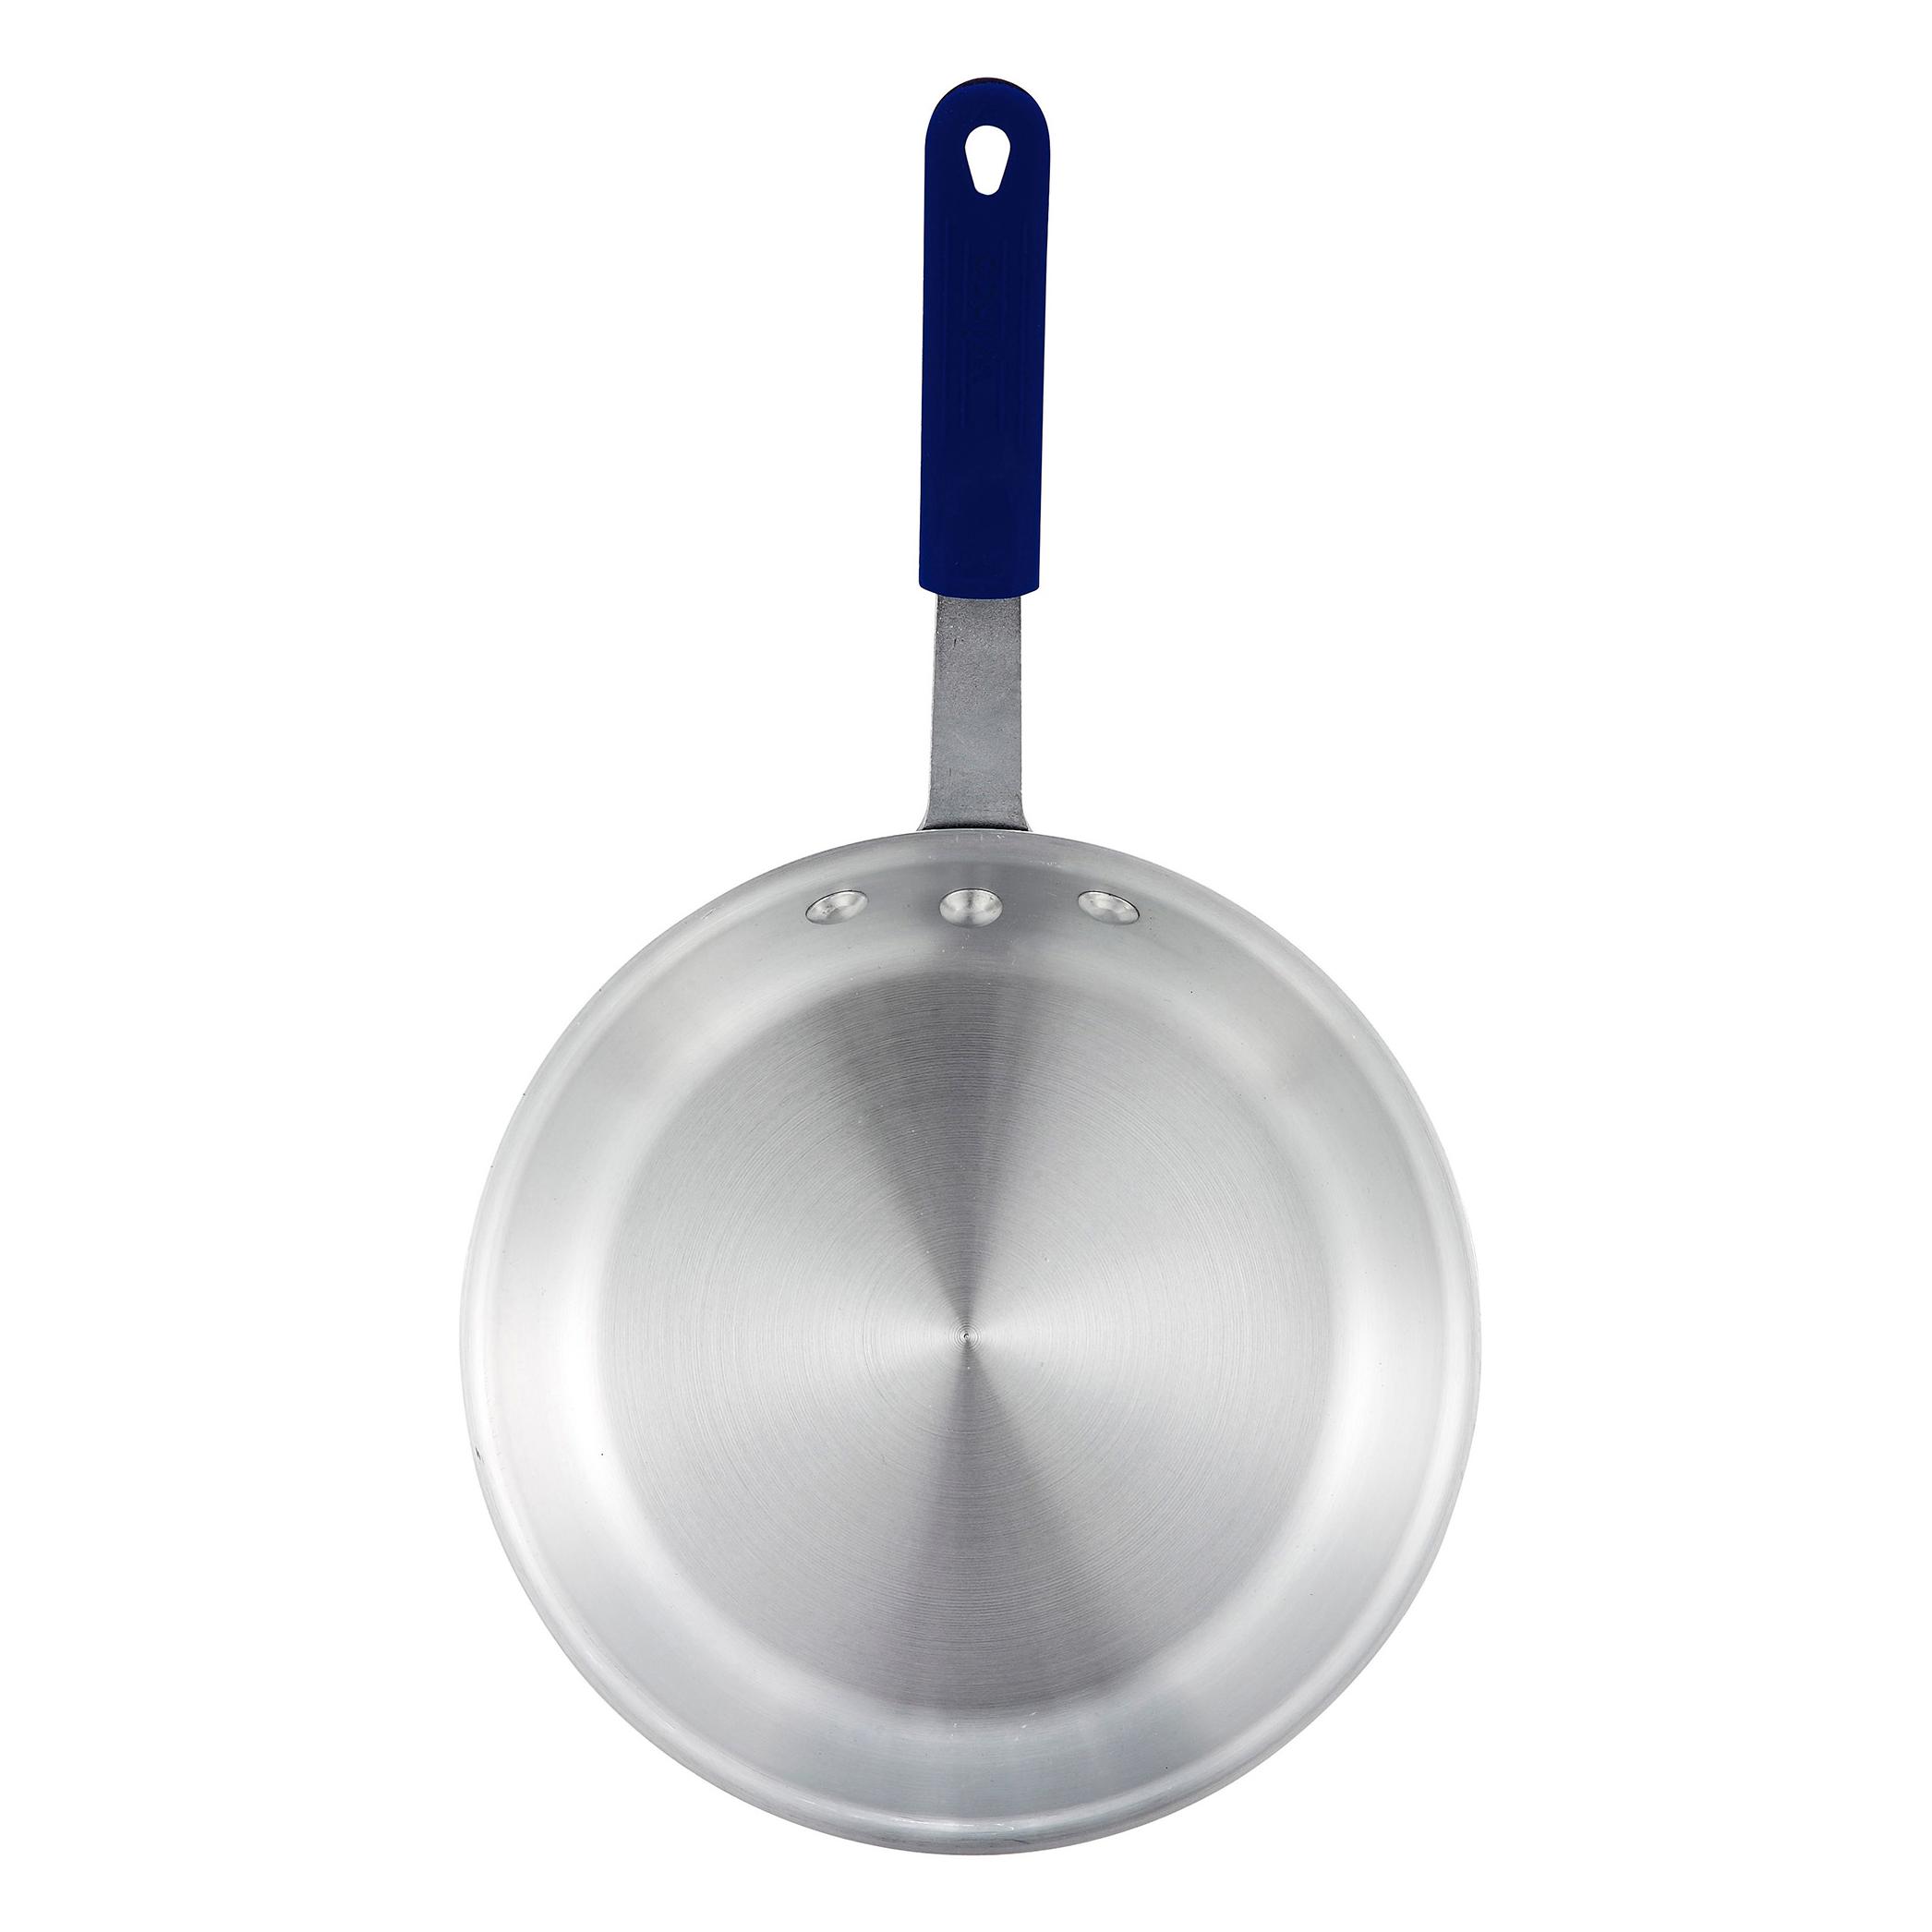 Winco AFP-12A-H fry pan